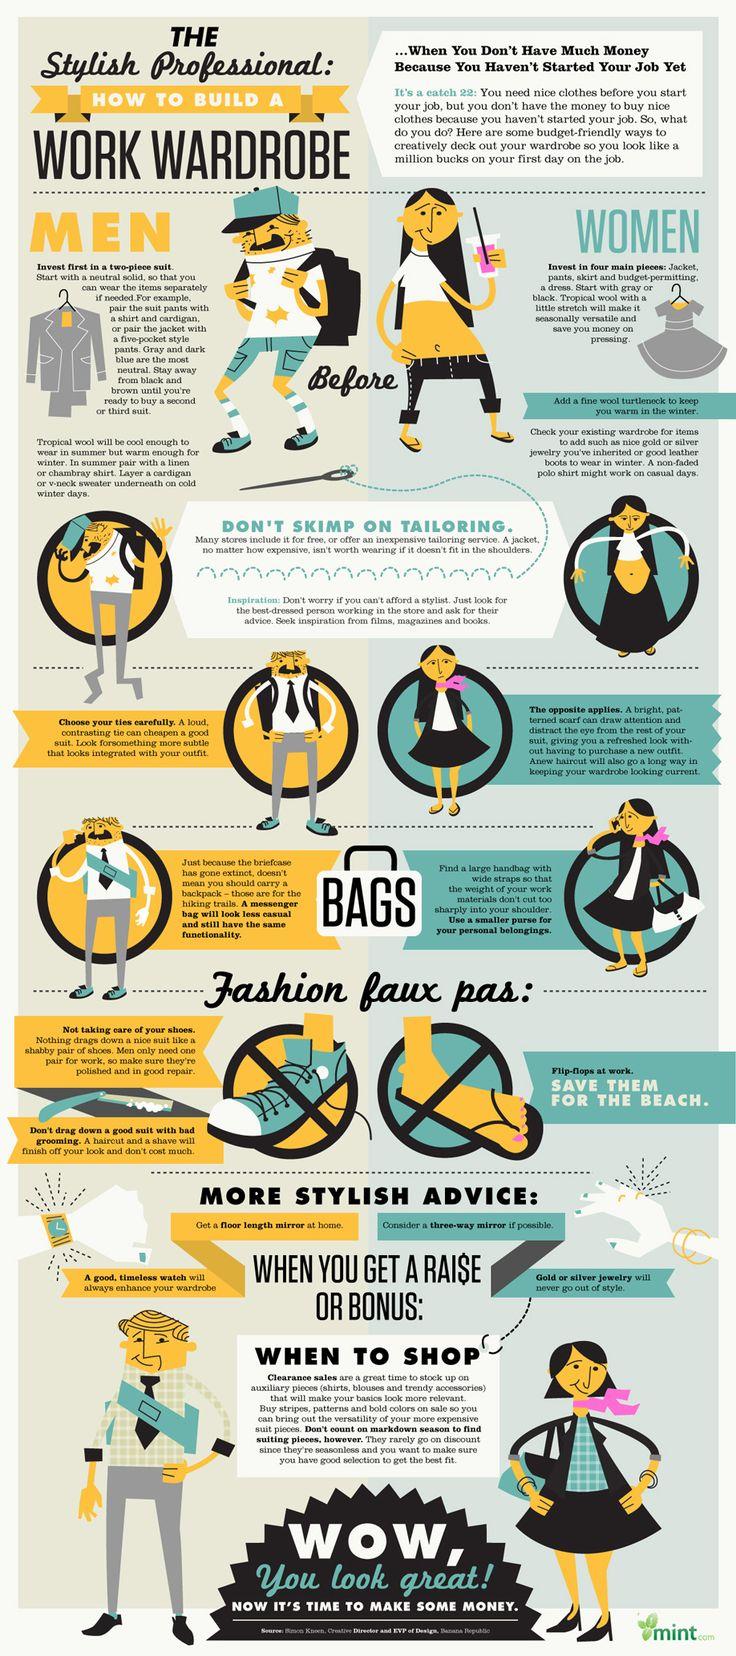 Great WORK WARDROBE info-graphic!